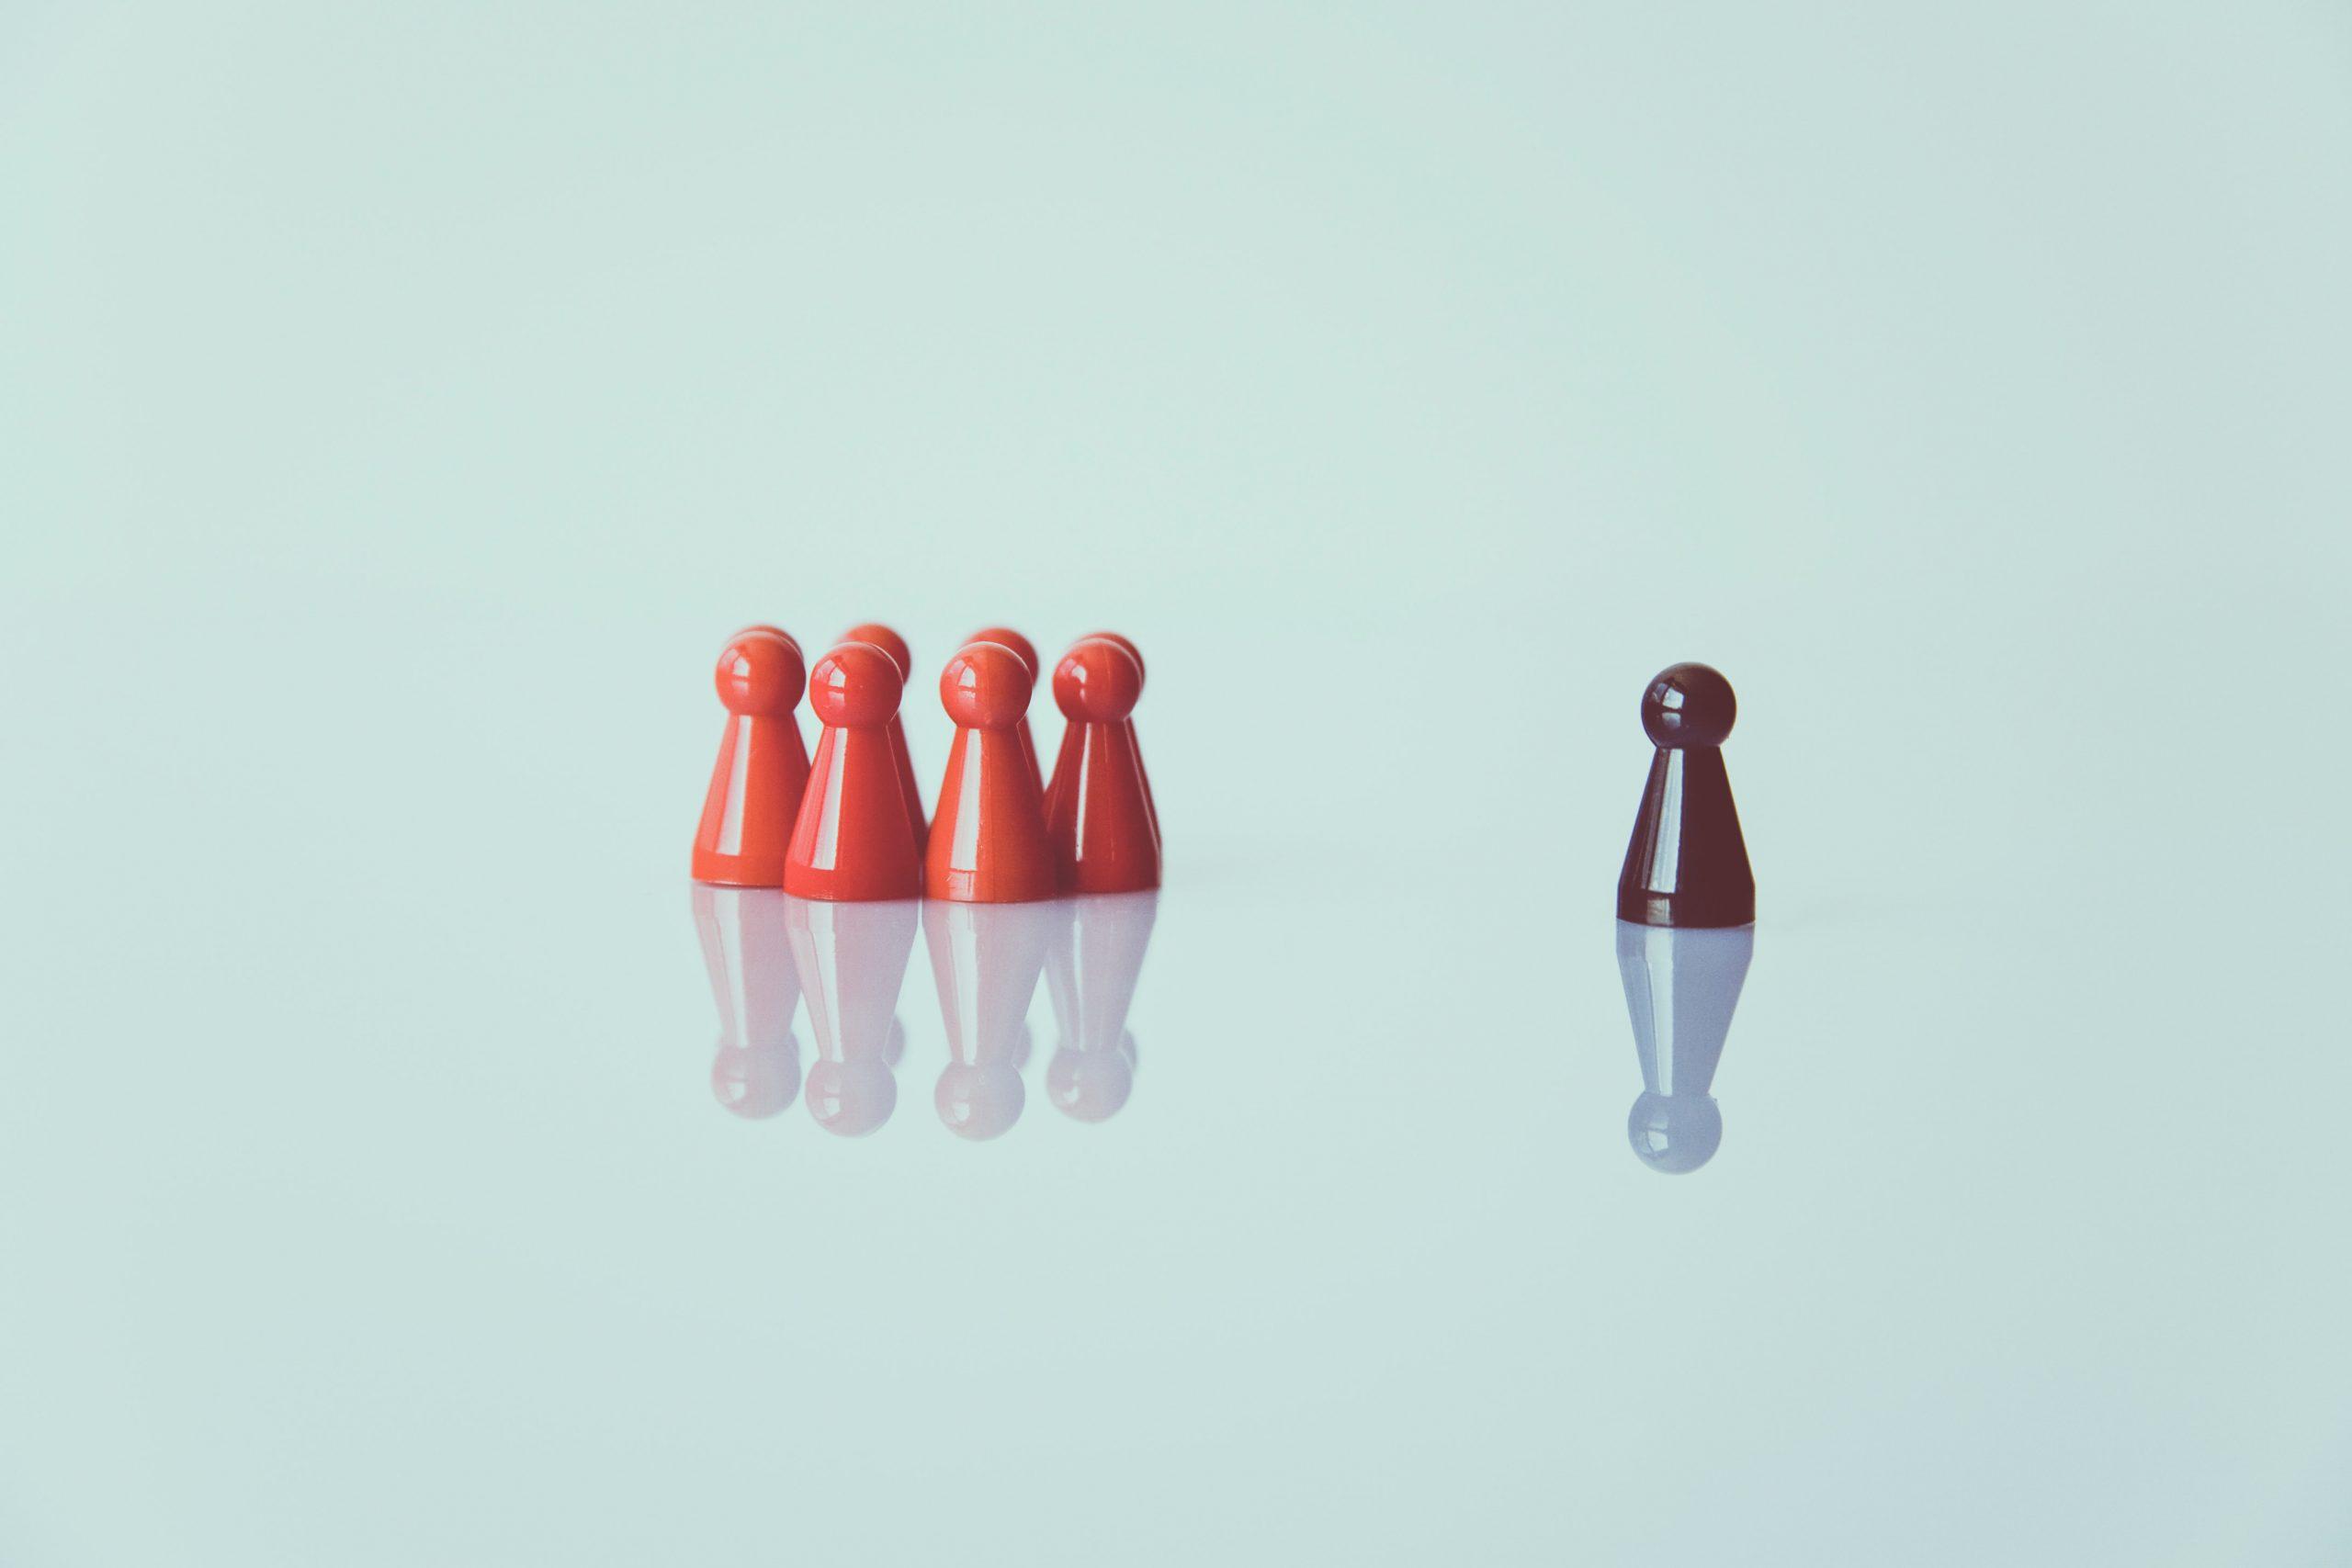 Liderazgo: ¿Qué tipo de líder soy?